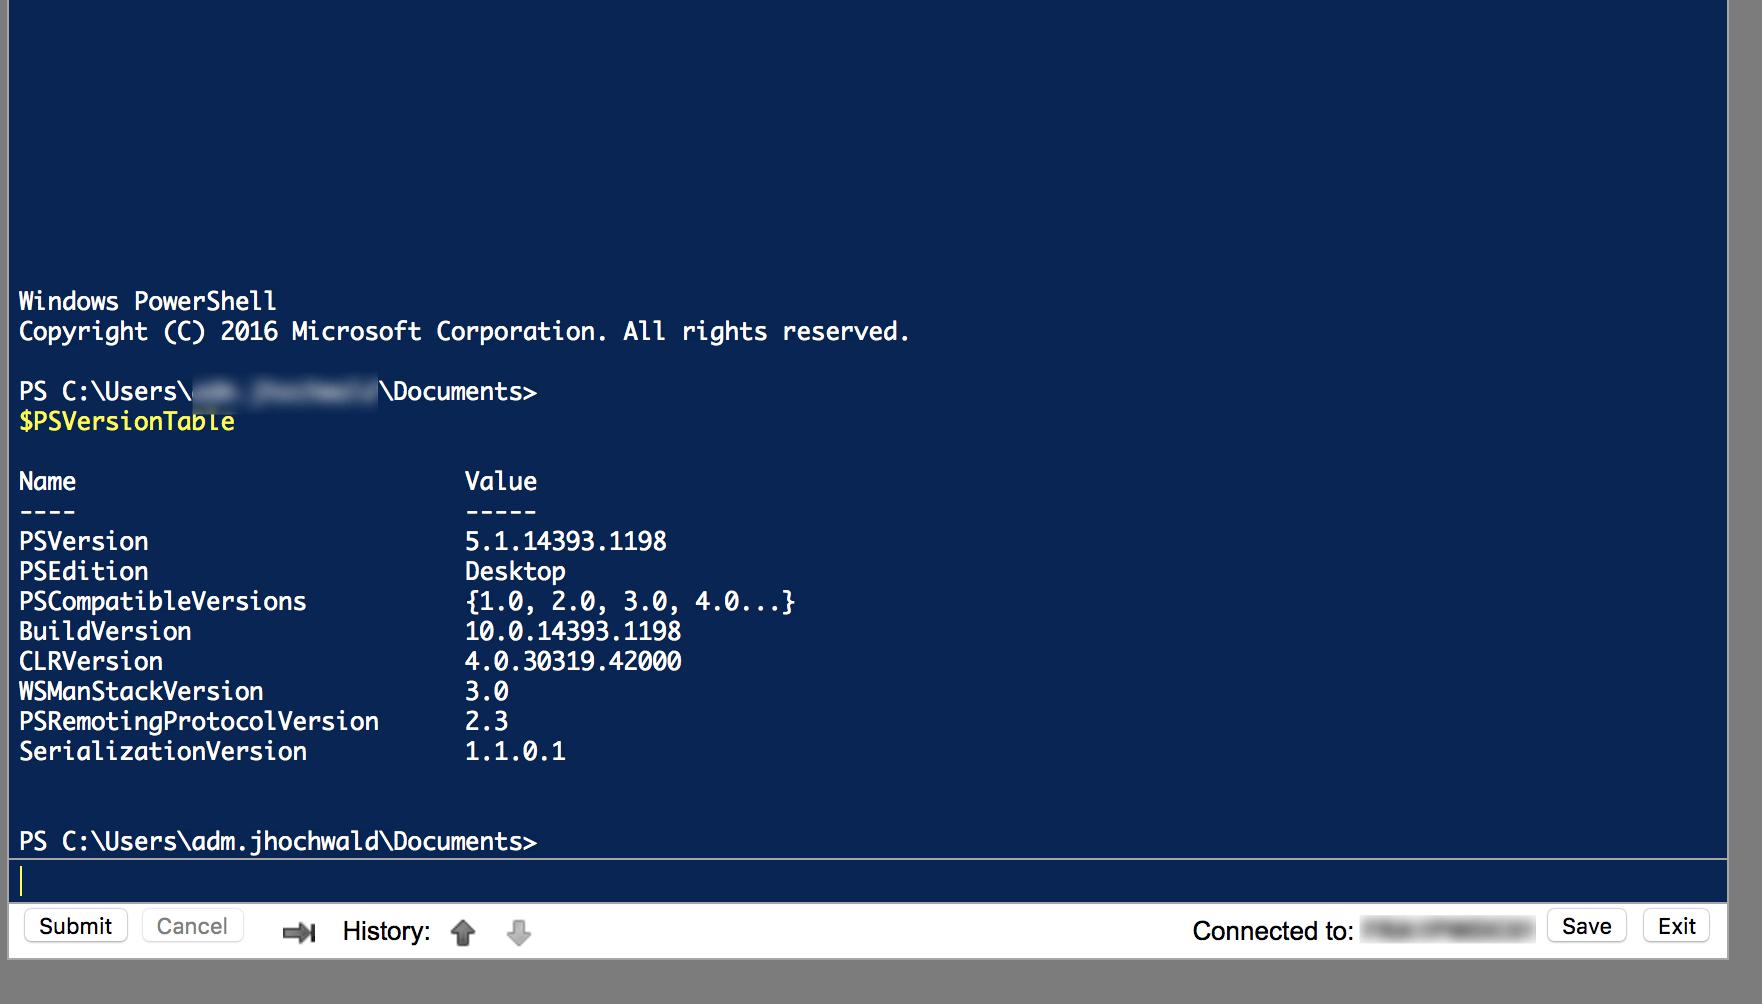 Configure Windows PowerShell Web Access • hochwald net